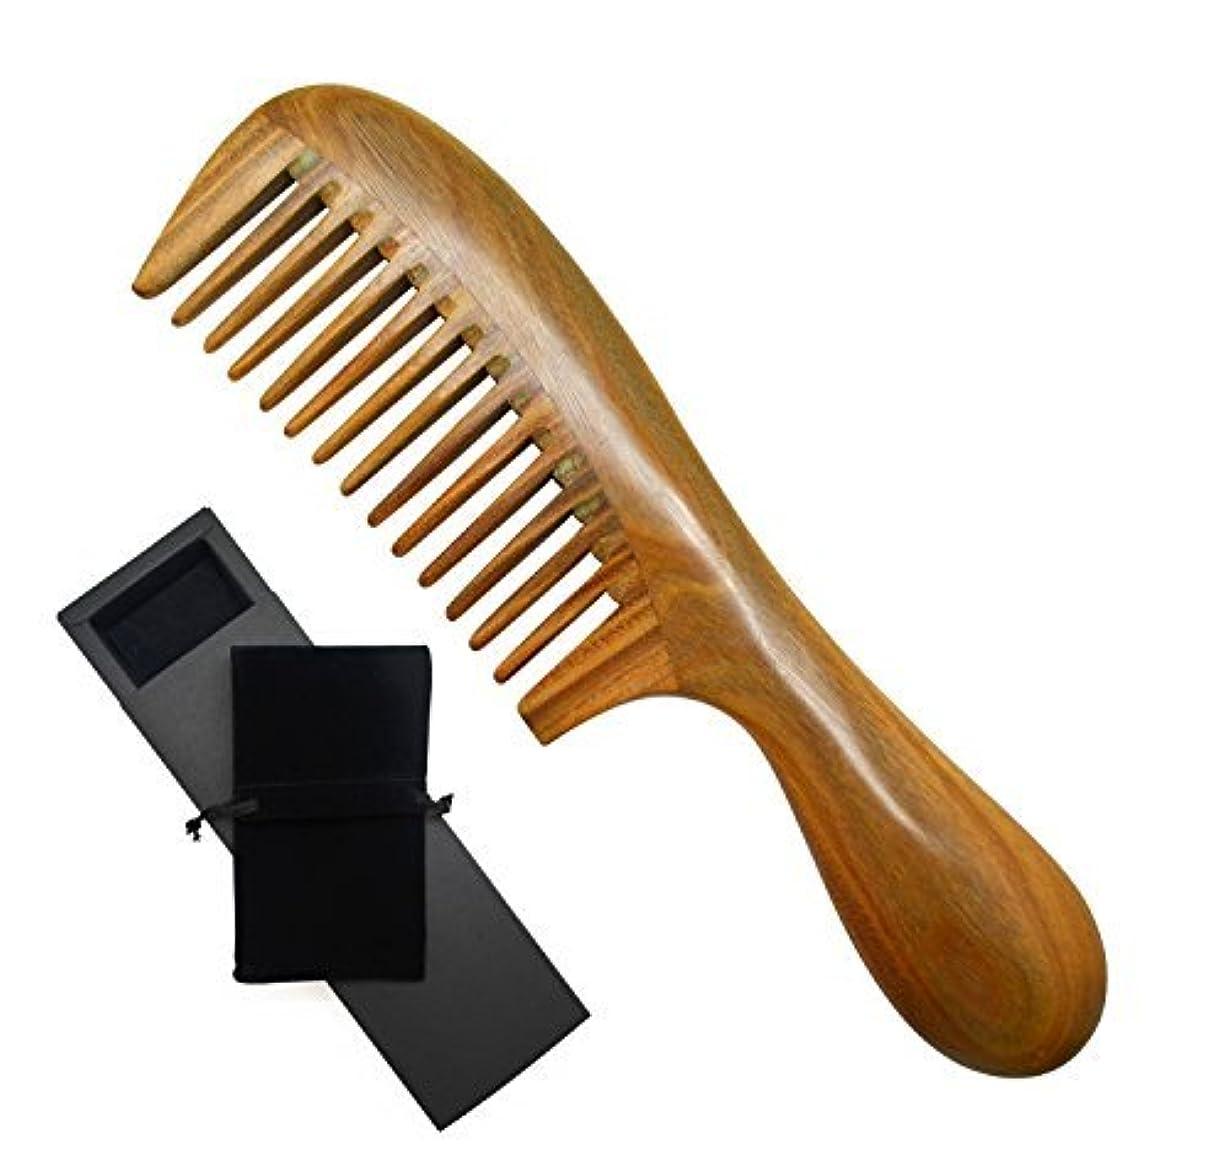 ひねり昼食破滅的なMeta-C Natural Green Sandalwood Wooden Comb - NO SNAGS, NO TANGLE, NO STATIC (Short Handle - Wide Tooth) [並行輸入品]